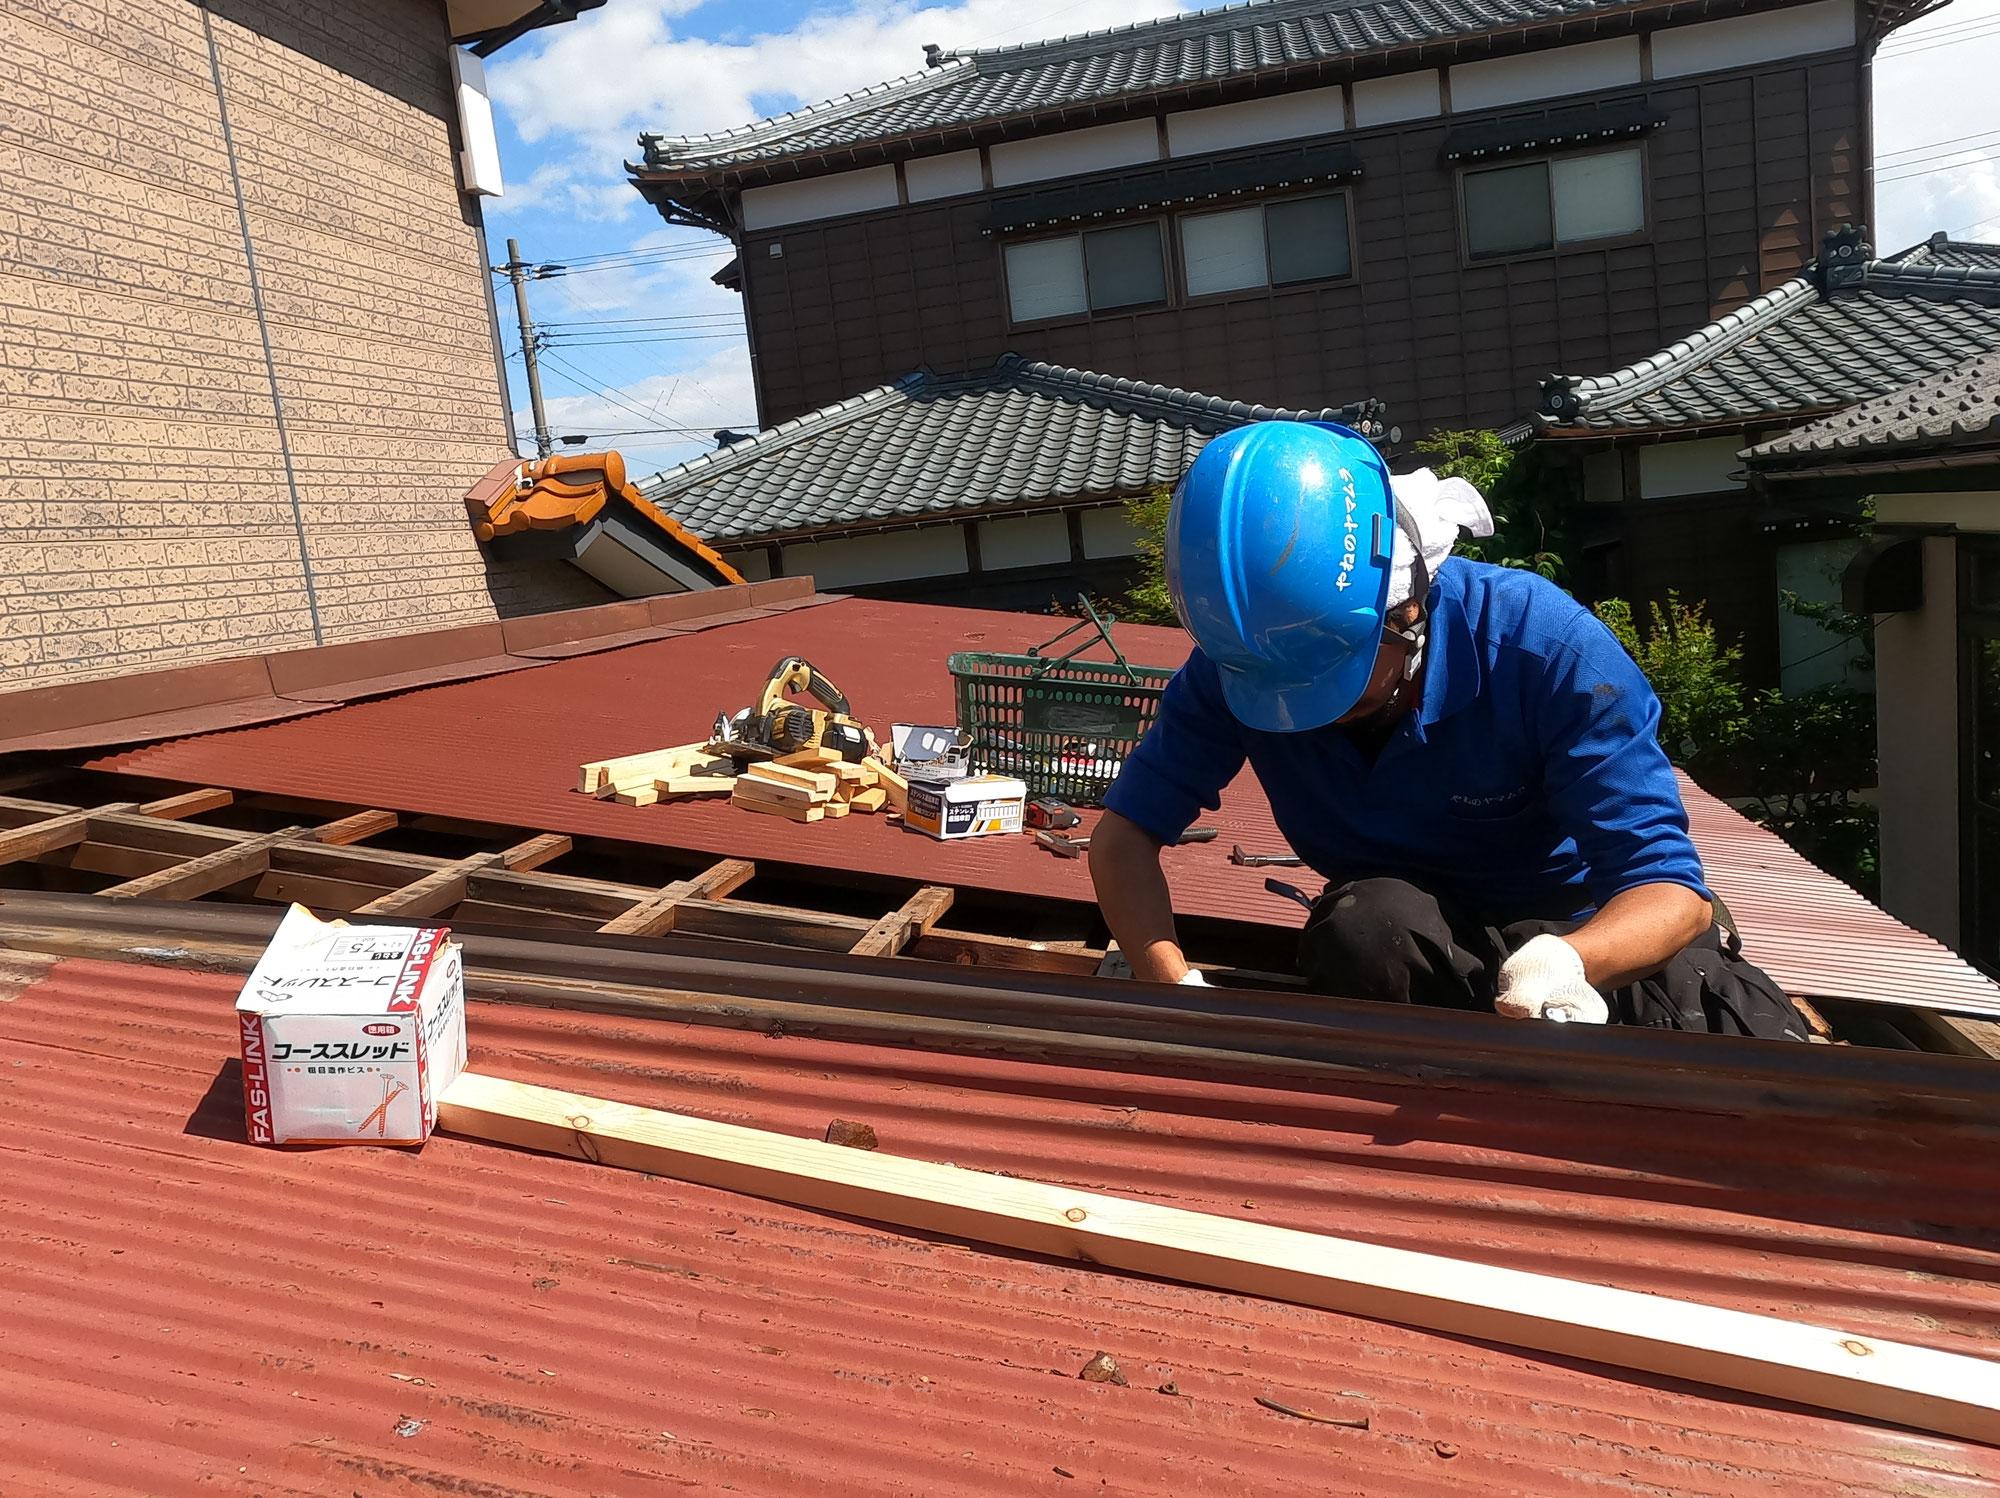 傷んだ屋根の修理です